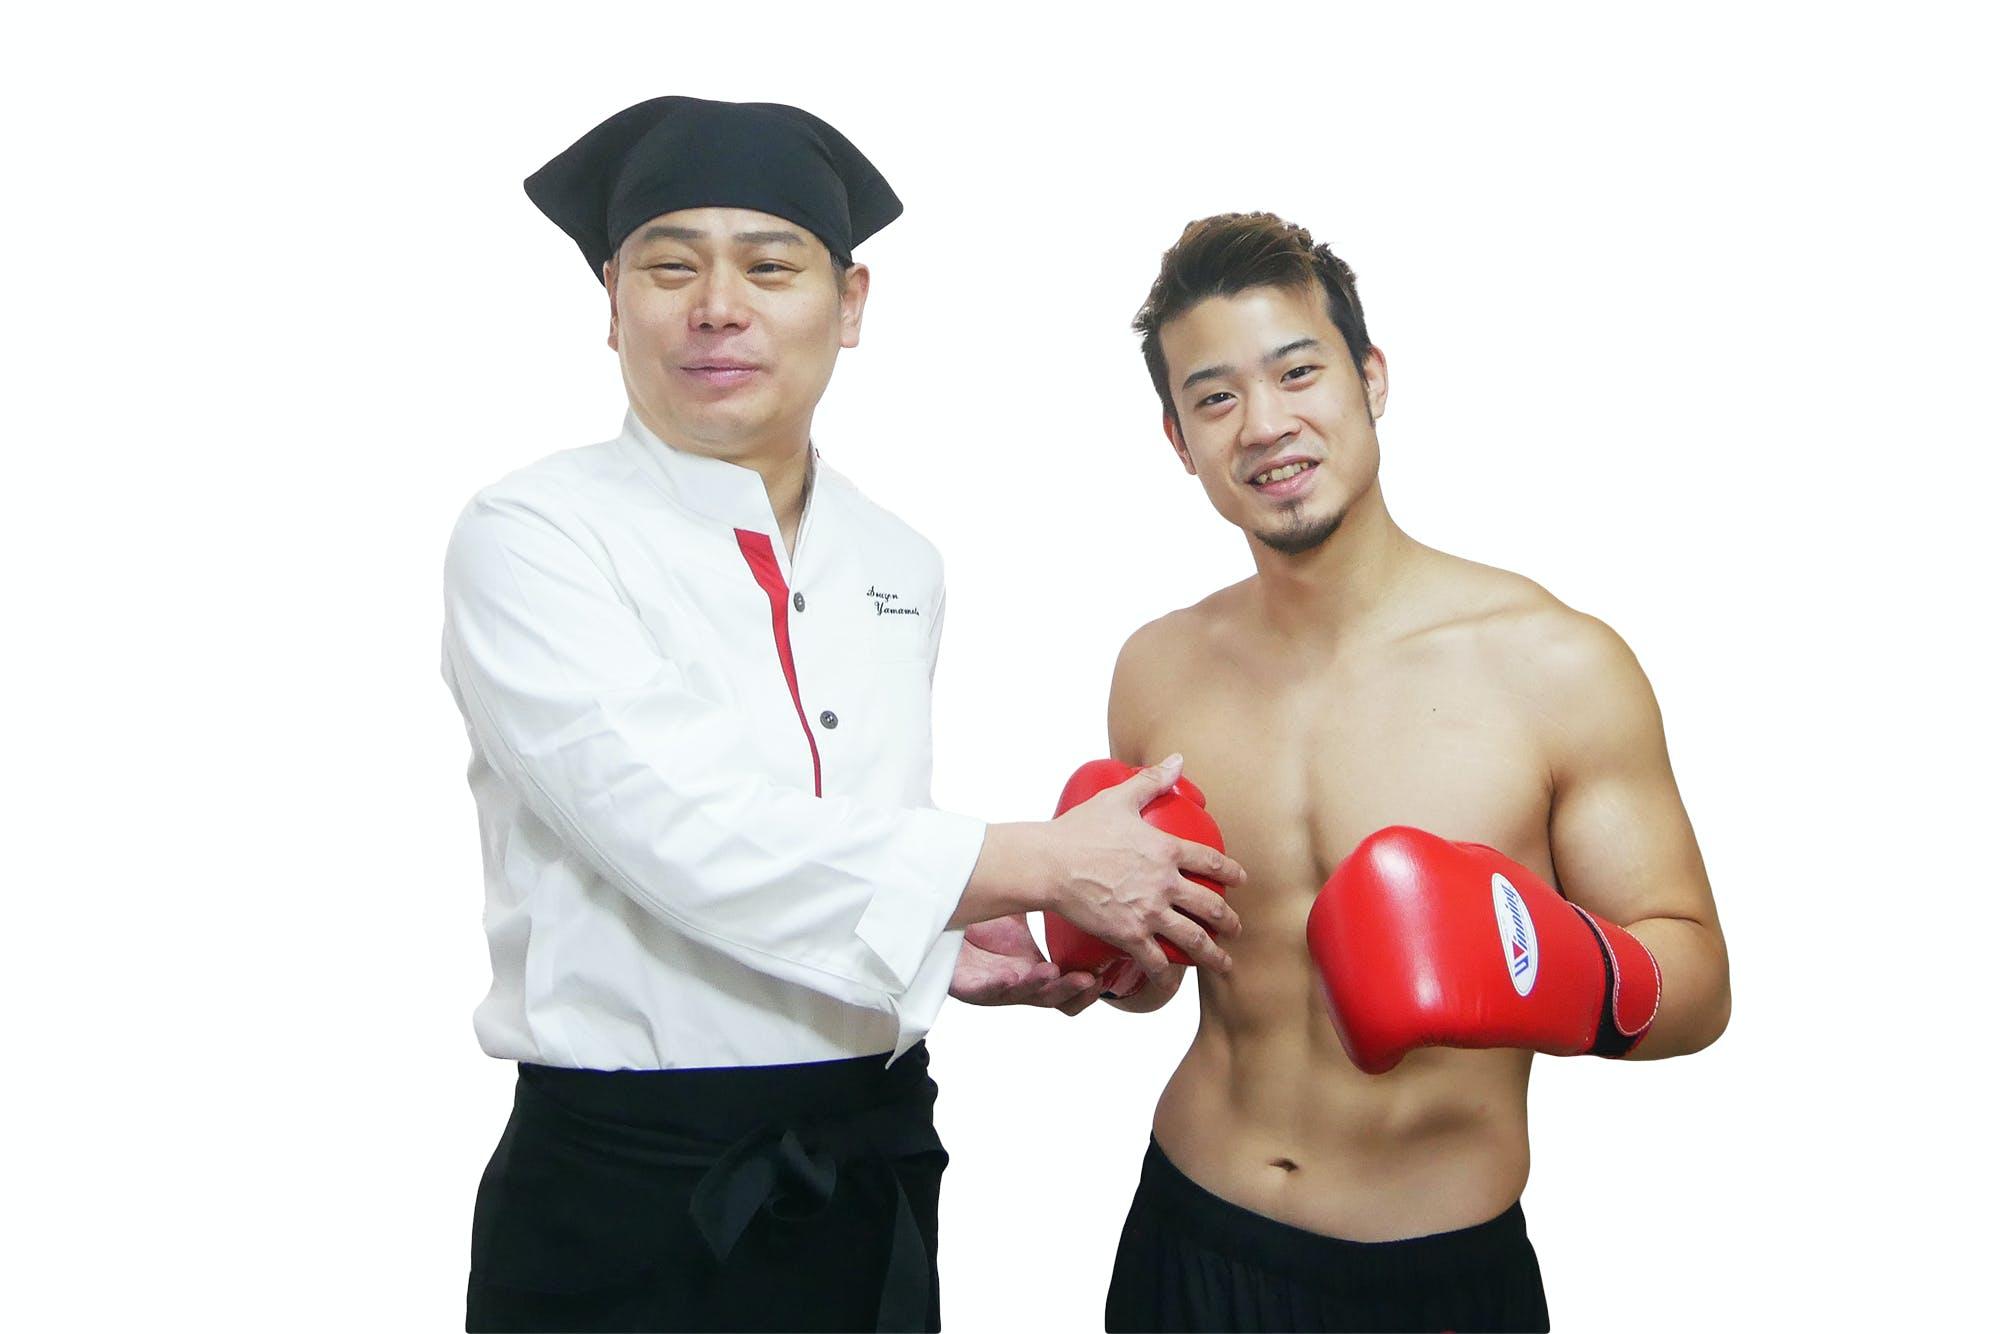 プロボクサー辰吉寿以輝&山本宗禅 チャンピオン'S ダイエットフード開発への道